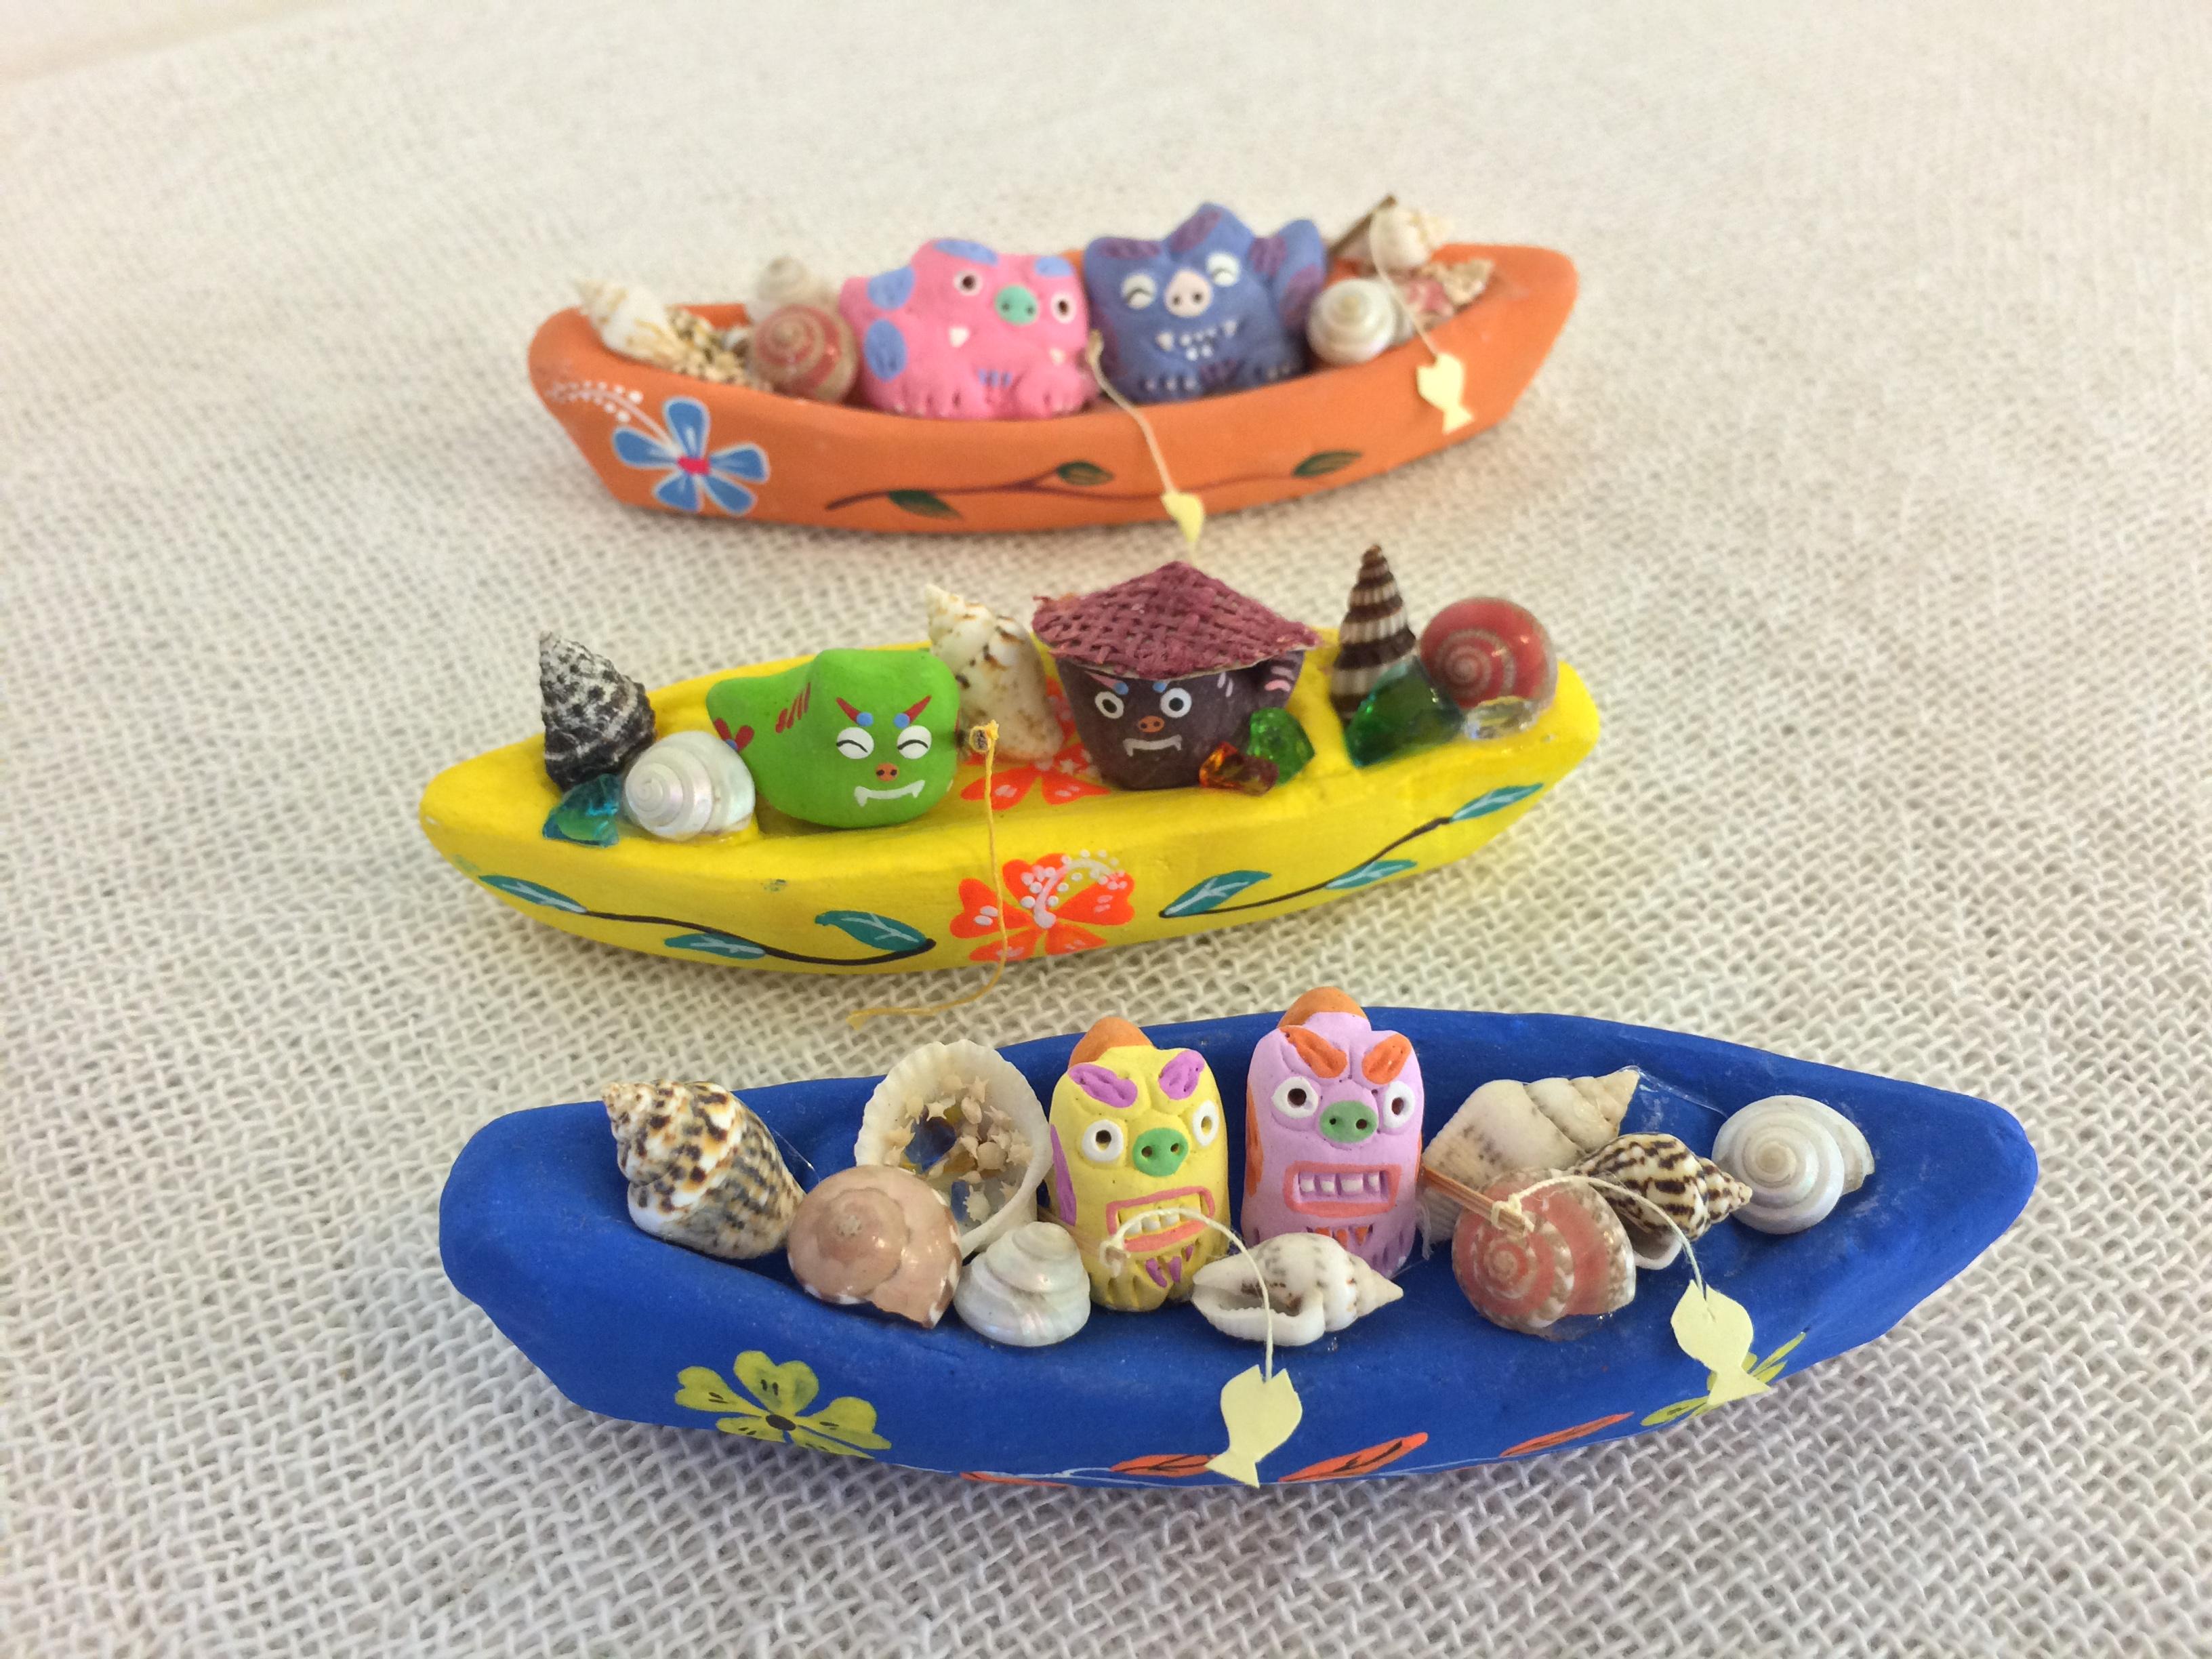 サバニ(漁船)乗りシーサー☆シーサーが可愛く絵付けされた船に乗って、漁に出かけます!大漁になりますように\(^o^)